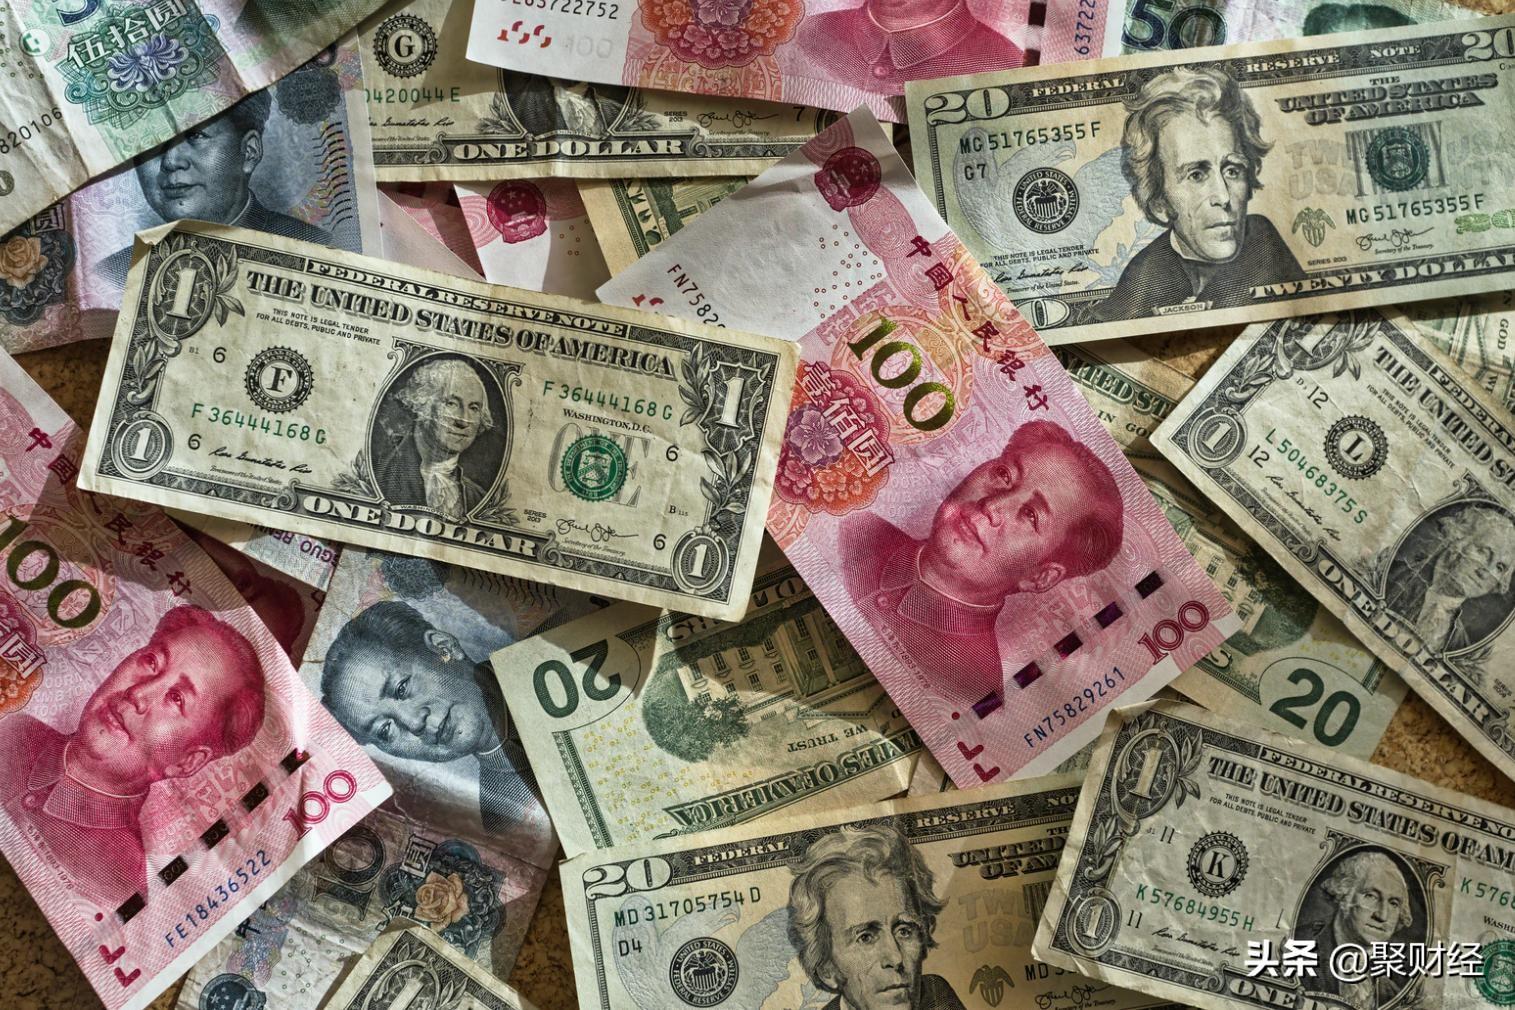 """人民币只在国内才叫""""人民币"""",出了国就变了称呼?很多人弄错了"""